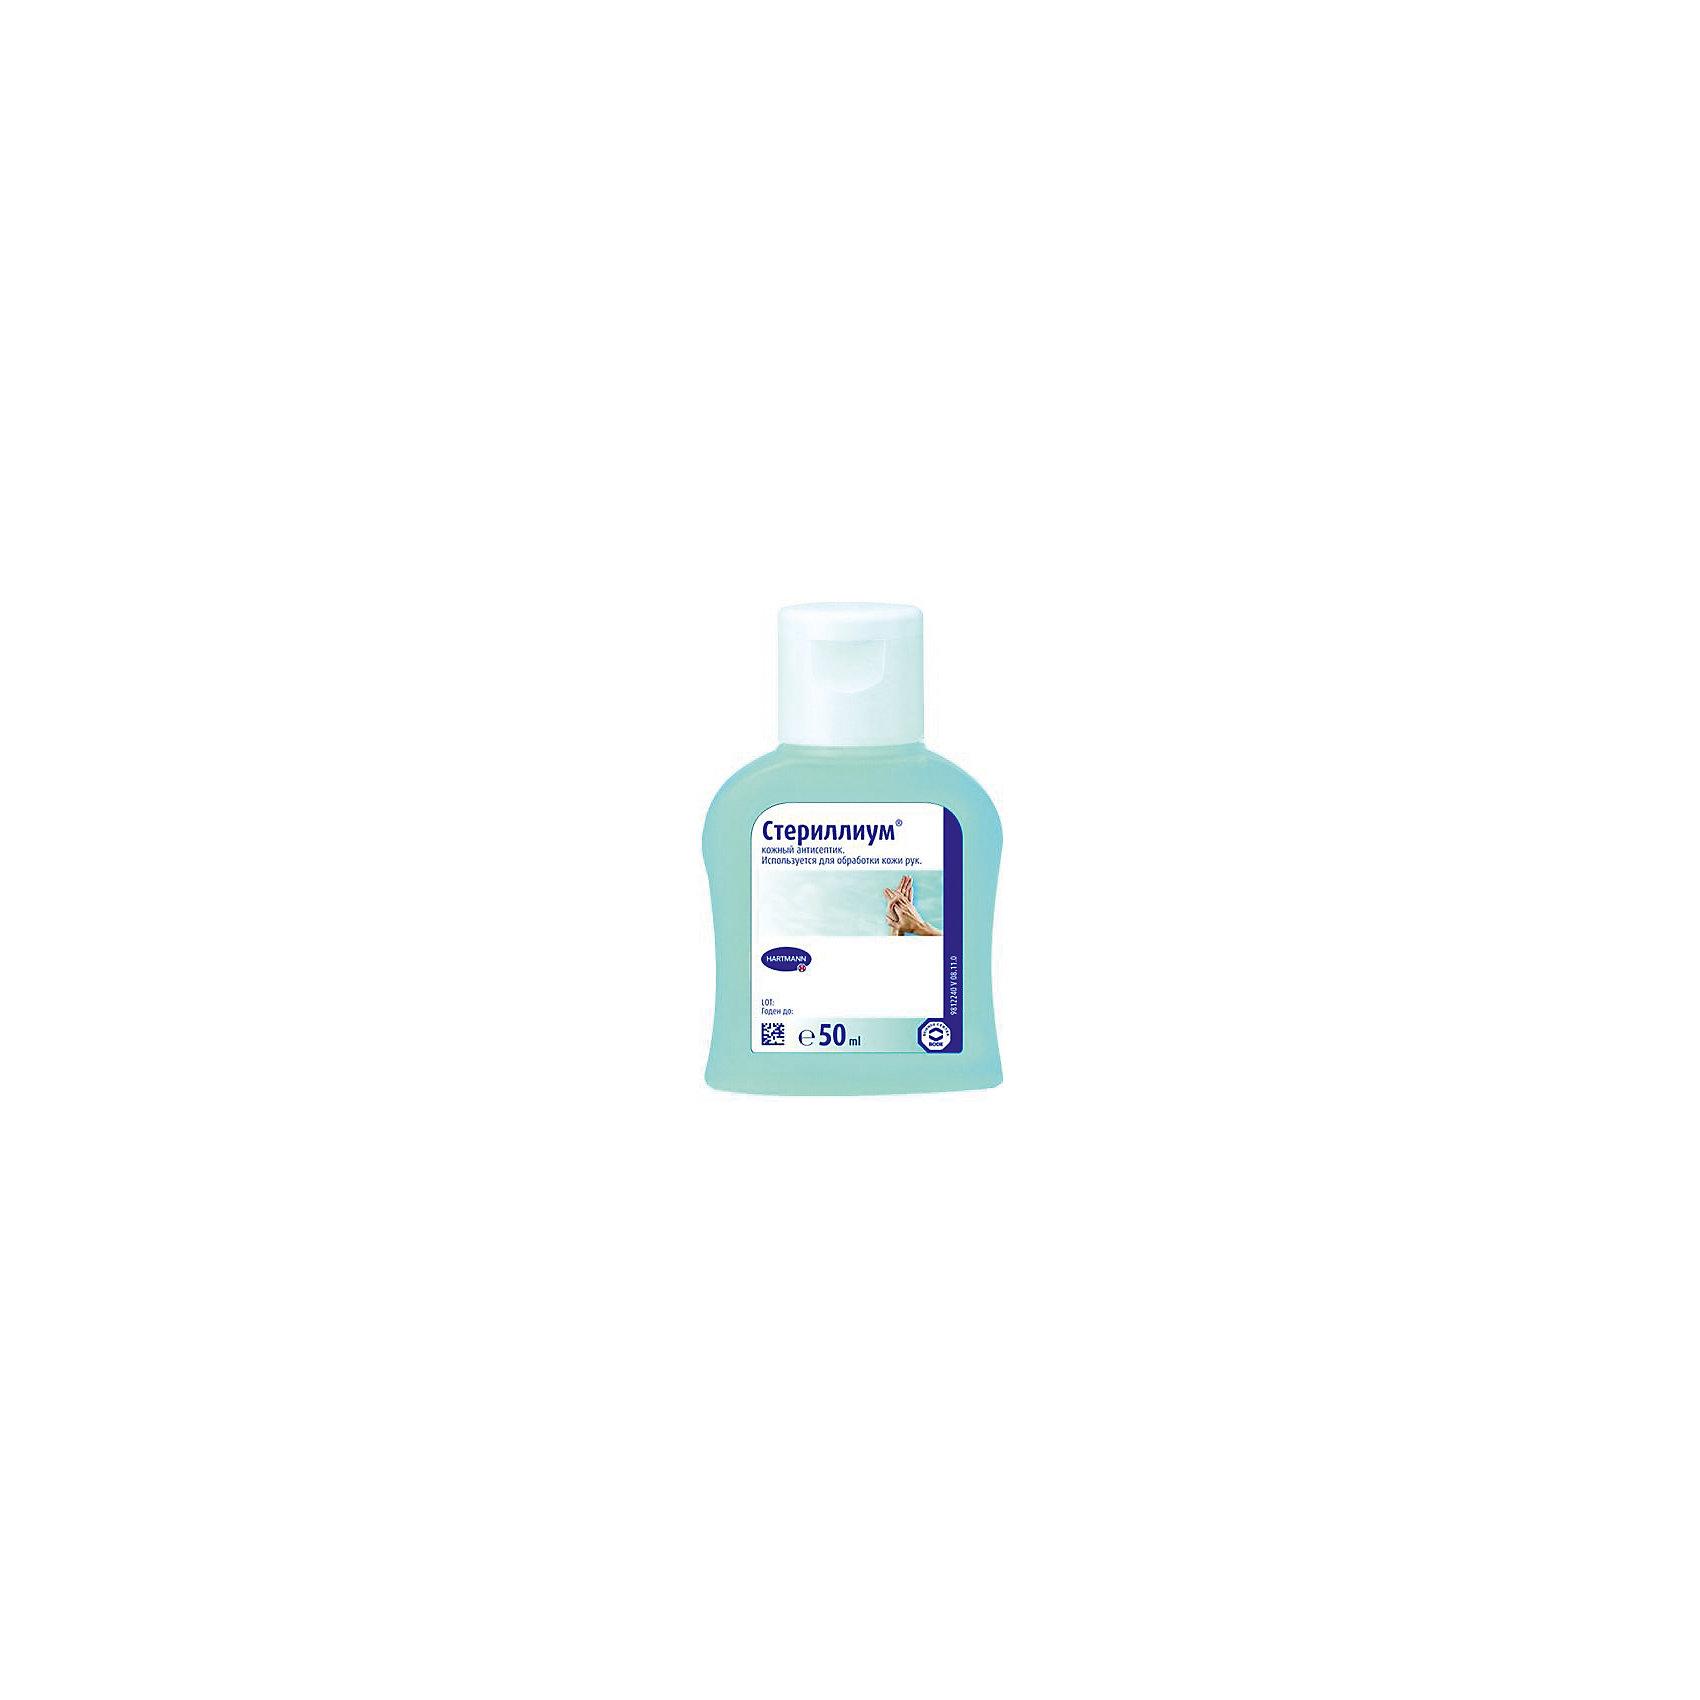 Кожный антисептик, карманный флакон 50 мл., SterilliumСтериллиум - спиртосодержащий антисептик для безводной обработки рук. Заменяет мытье рук перед едой, после посещения туалета, перед инъекциями и в других ситуациях, требующих защиты от микробов. Применяется только если руки визуально чистые. Для дезинфекции достаточно всего 3 мл антисептика и 30 секунд времени.<br><br>Ширина мм: 26<br>Глубина мм: 50<br>Высота мм: 85<br>Вес г: 56<br>Возраст от месяцев: 18<br>Возраст до месяцев: 60<br>Пол: Унисекс<br>Возраст: Детский<br>SKU: 4796677